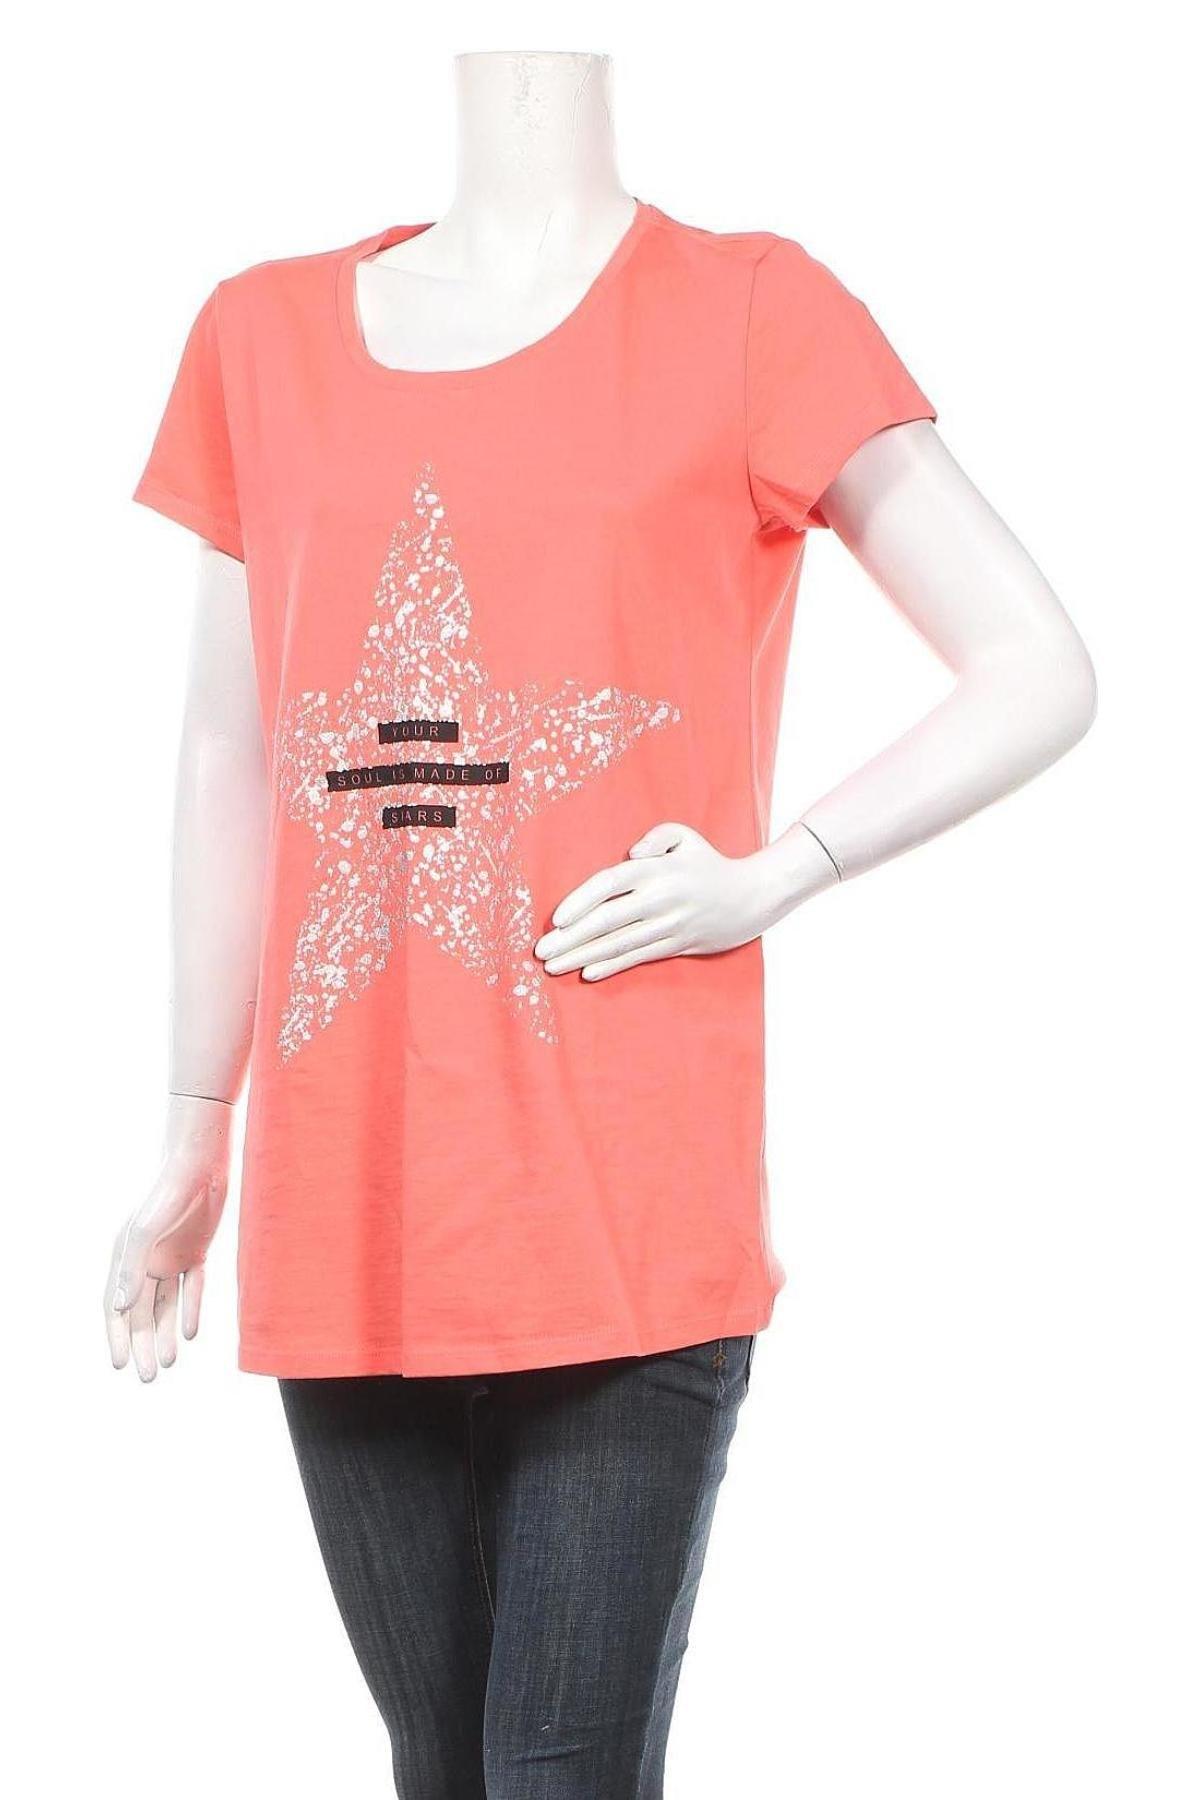 Μπλούζα εγκυμοσύνης Supermom, Μέγεθος XL, Χρώμα Ρόζ , Βαμβάκι, Τιμή 7,60€